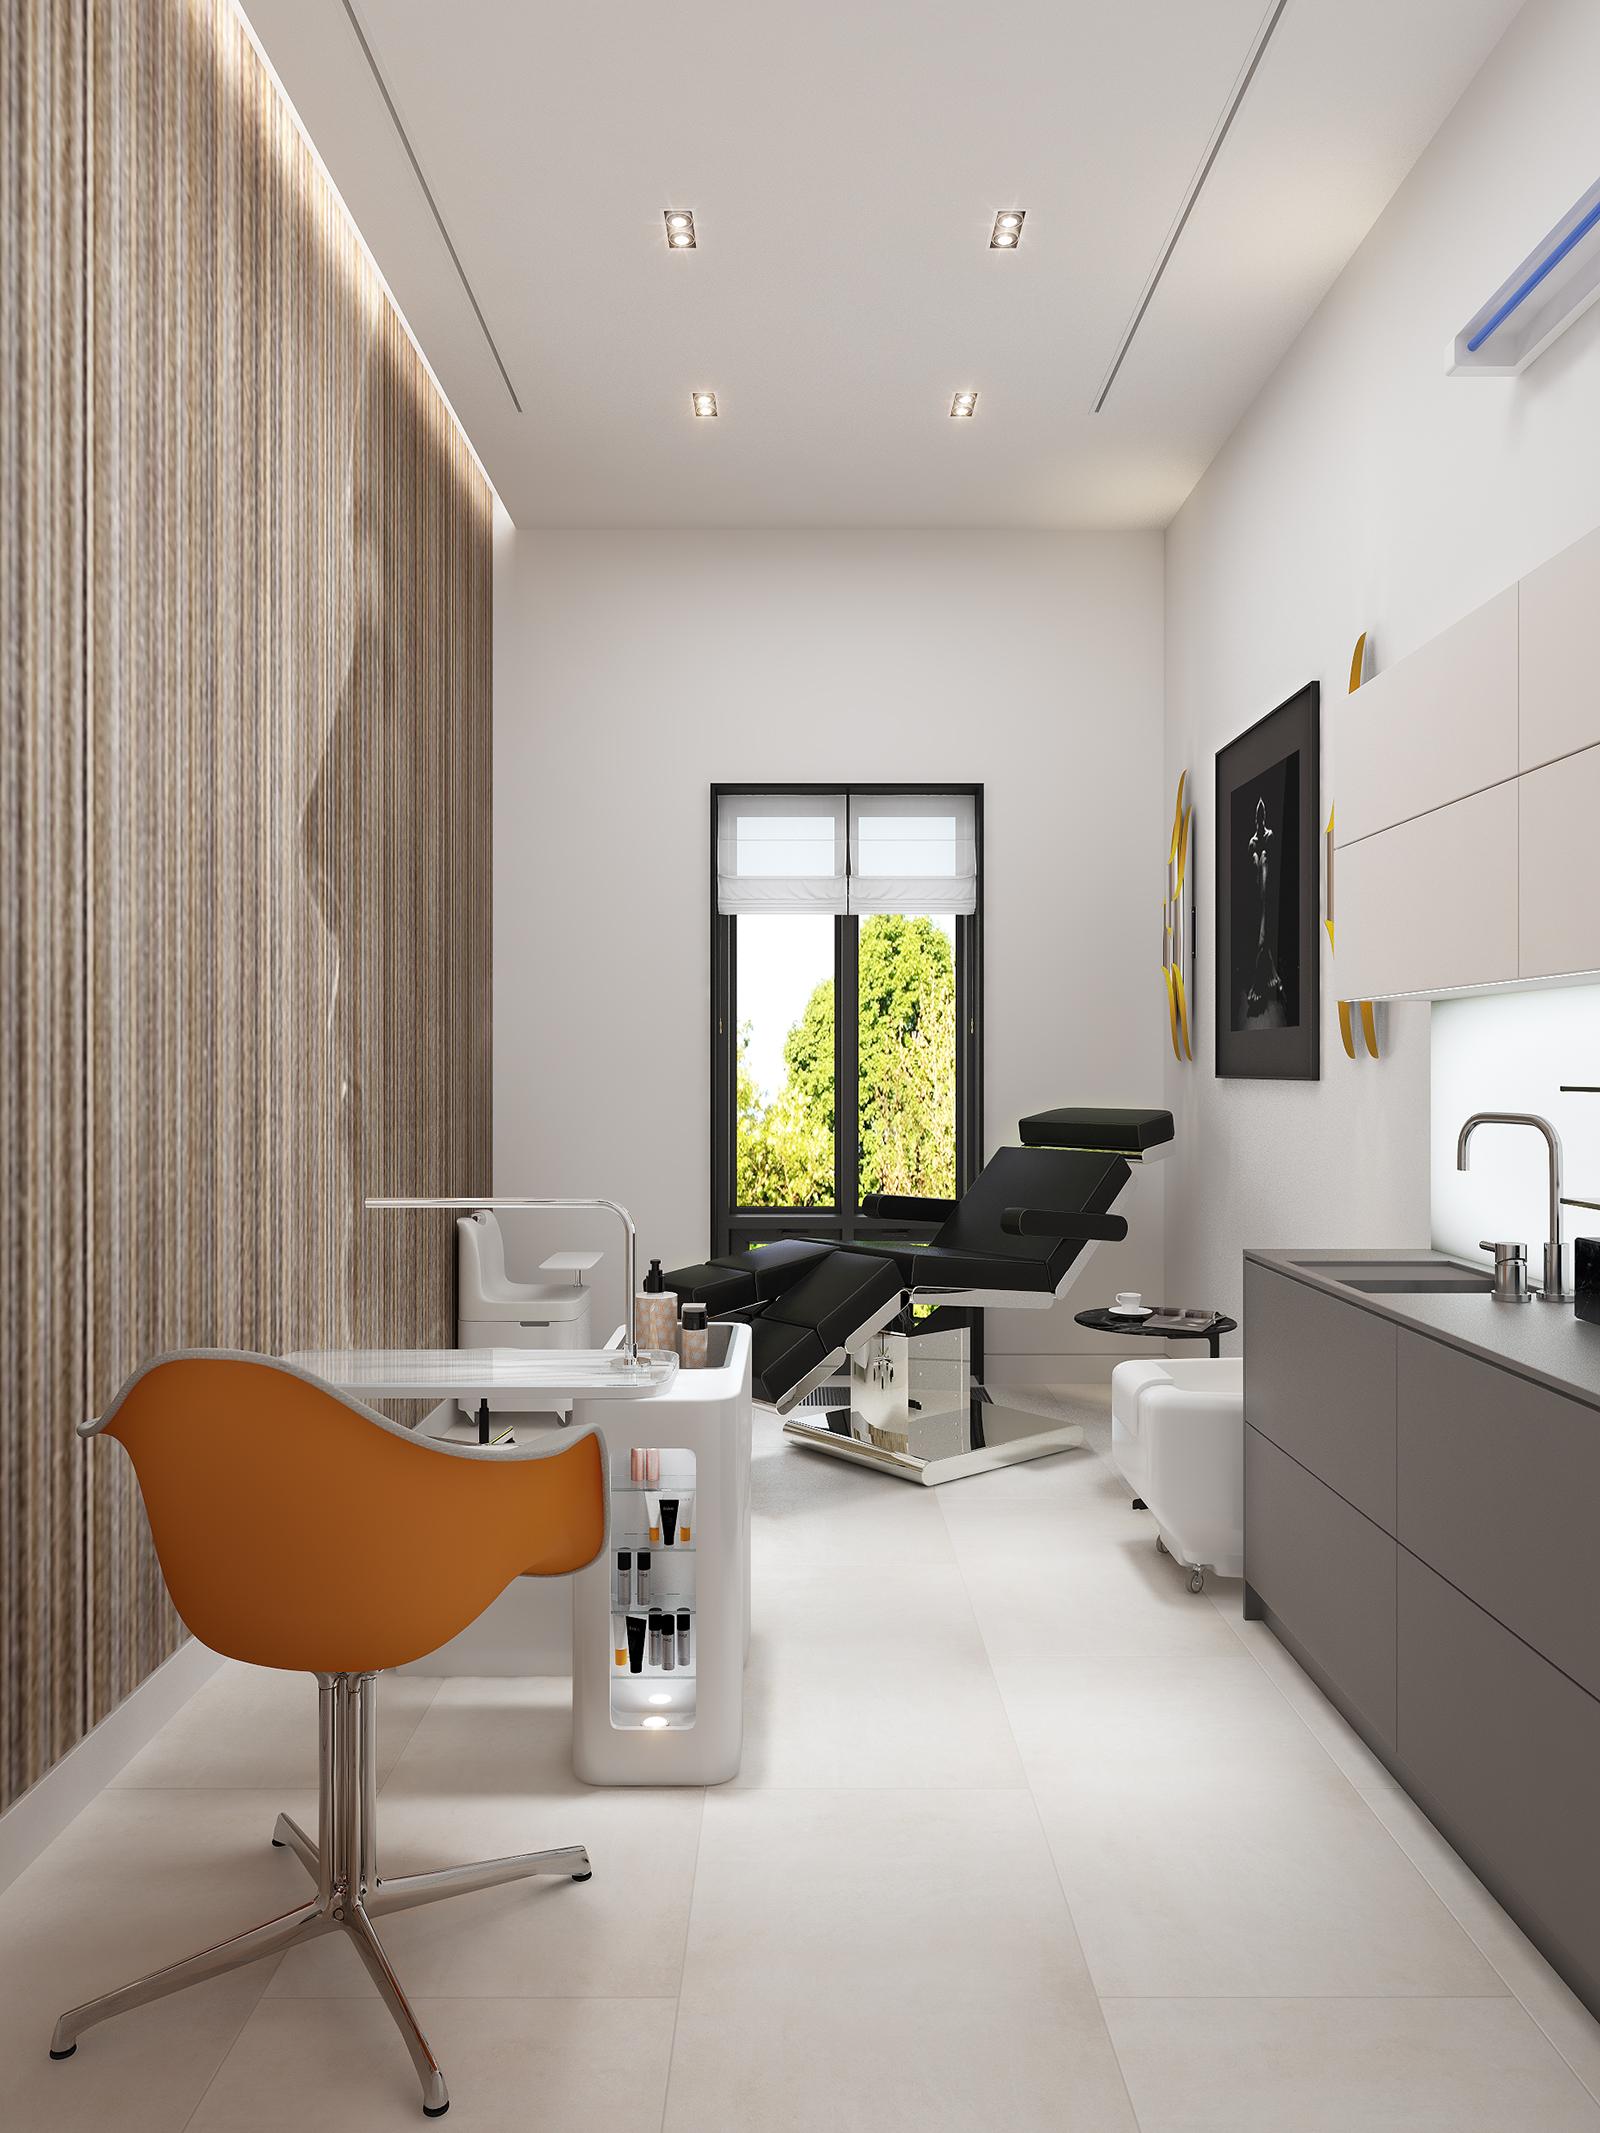 Дизайн интерьера косметического салона от студии Nataly Bolshakova